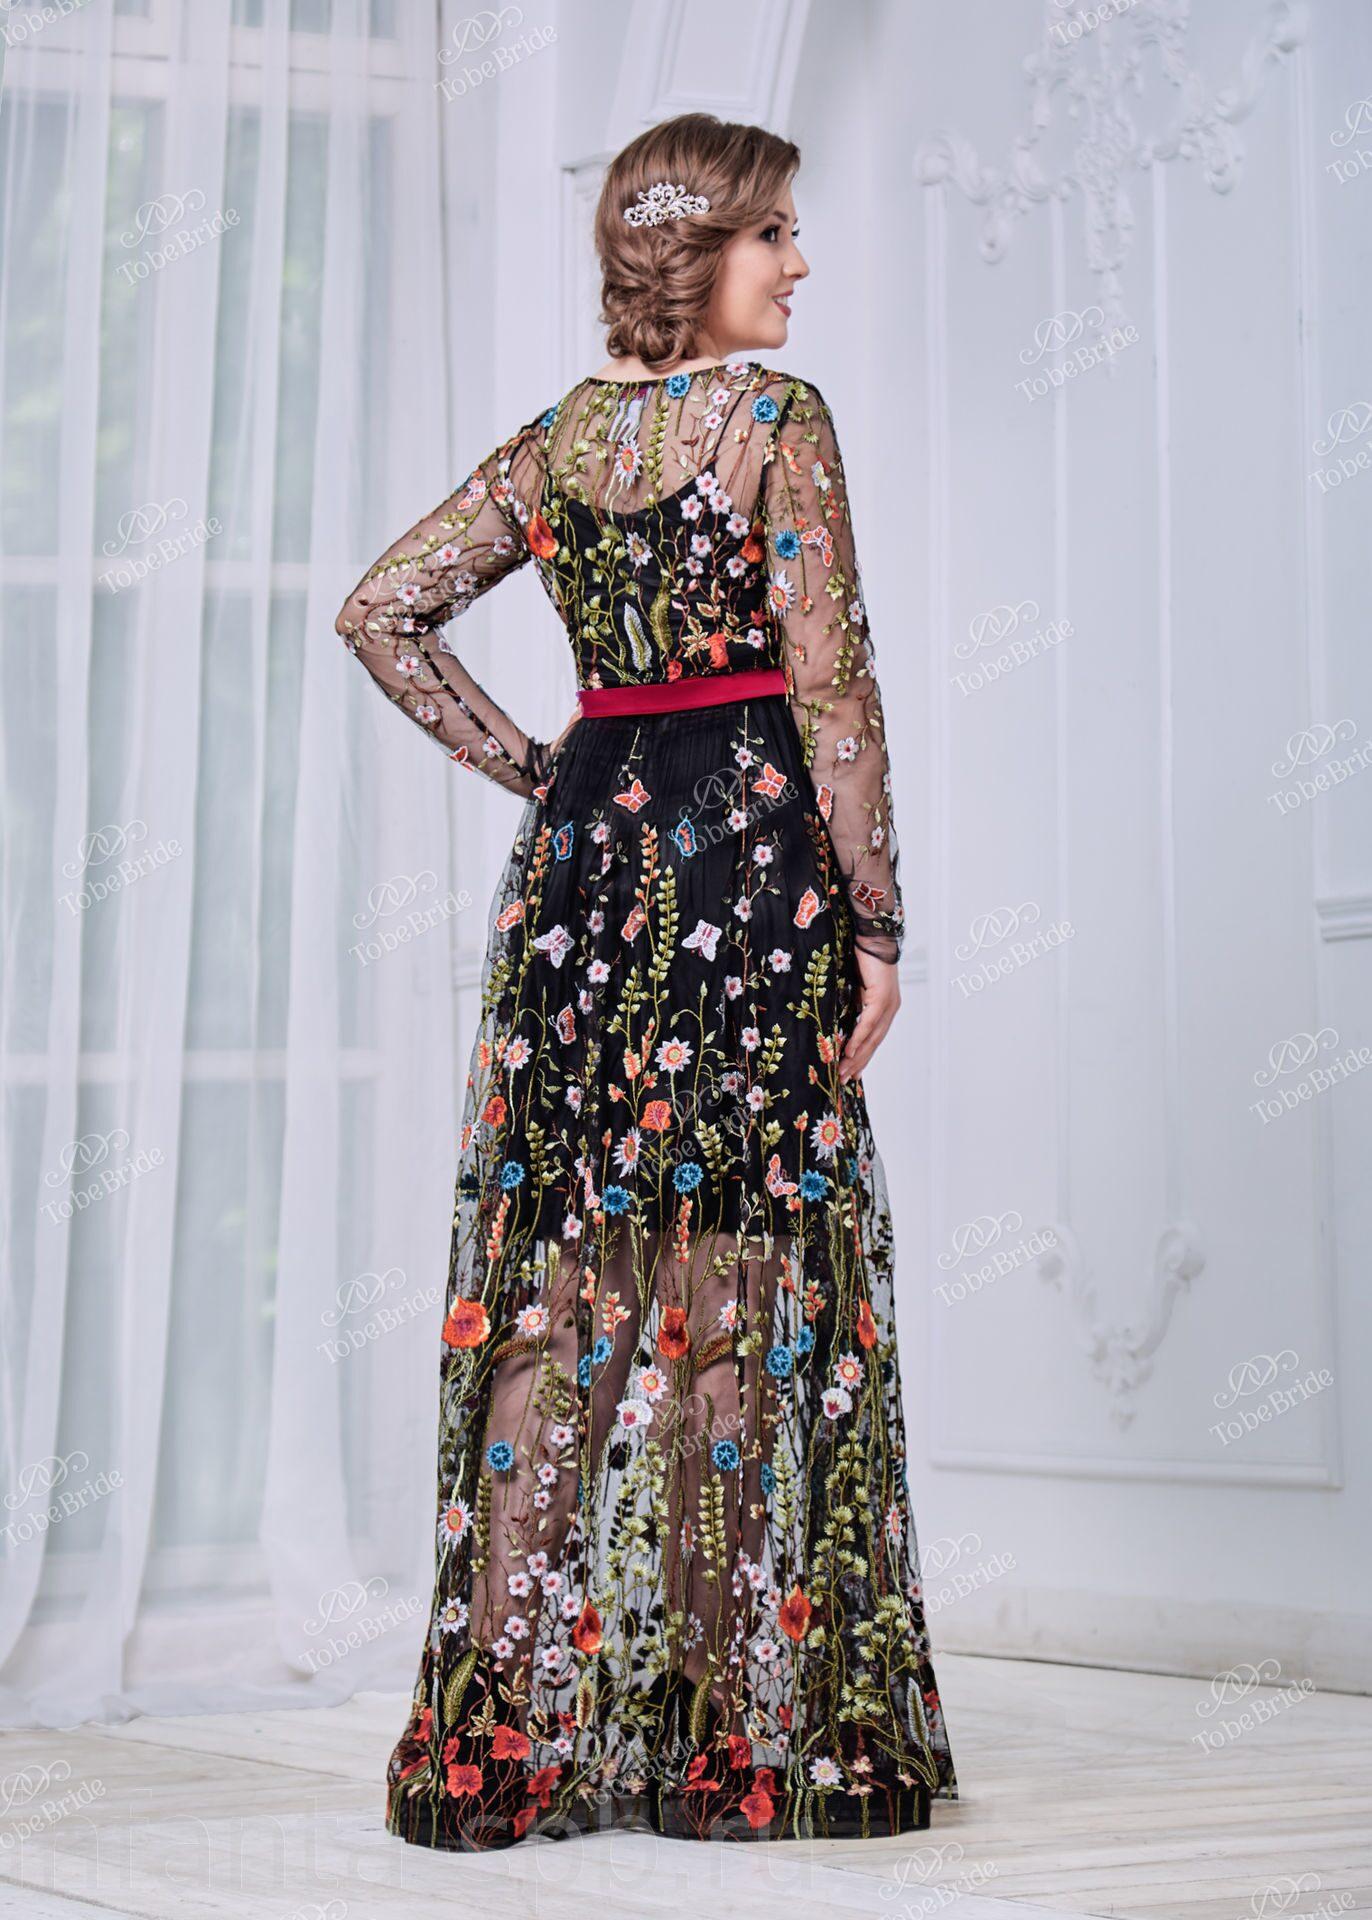 Вечерние платья купить москва для мамы